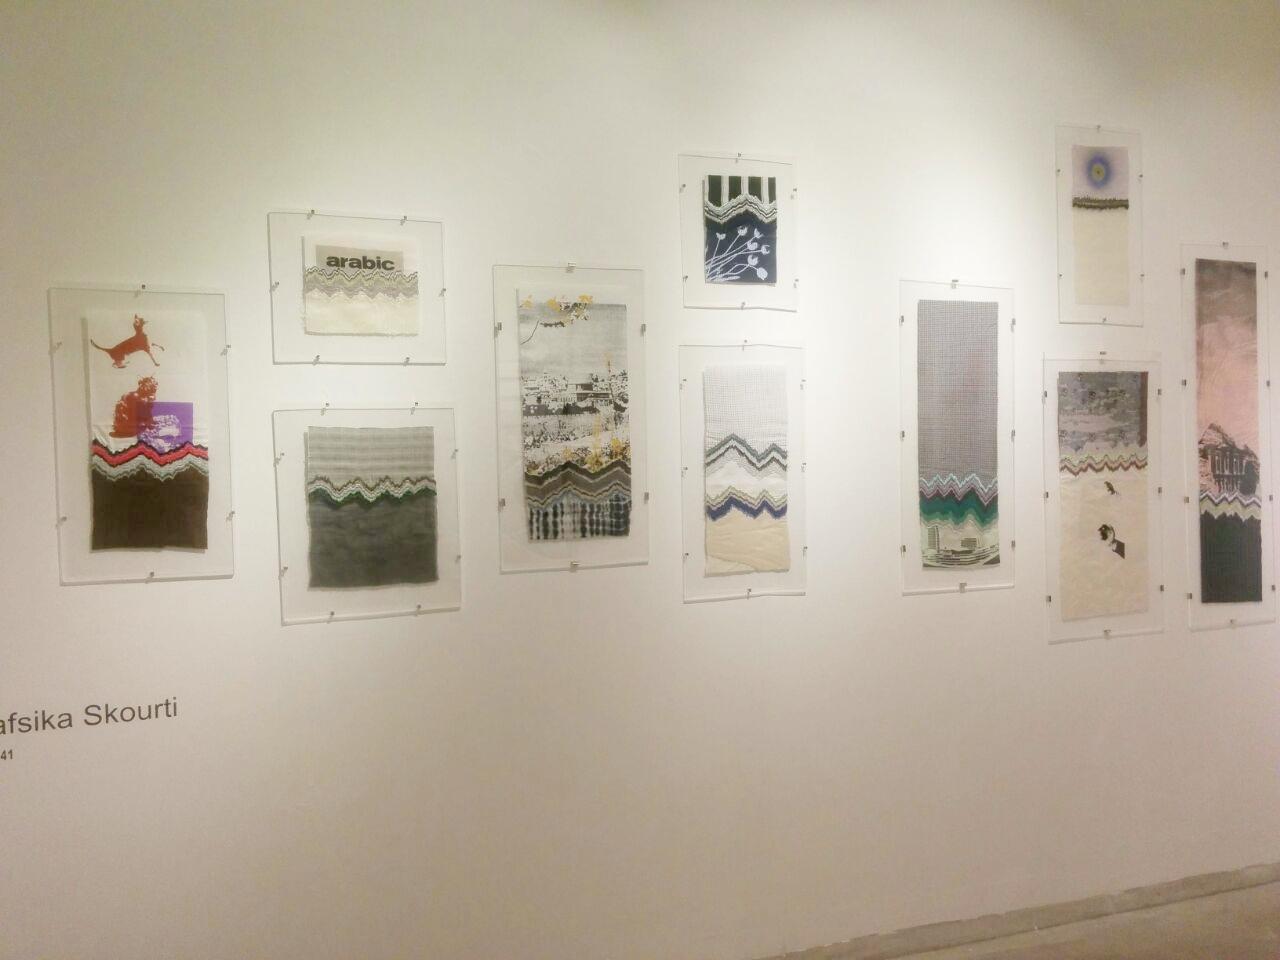 Dainty, beautiful works by Nafsika Skourti